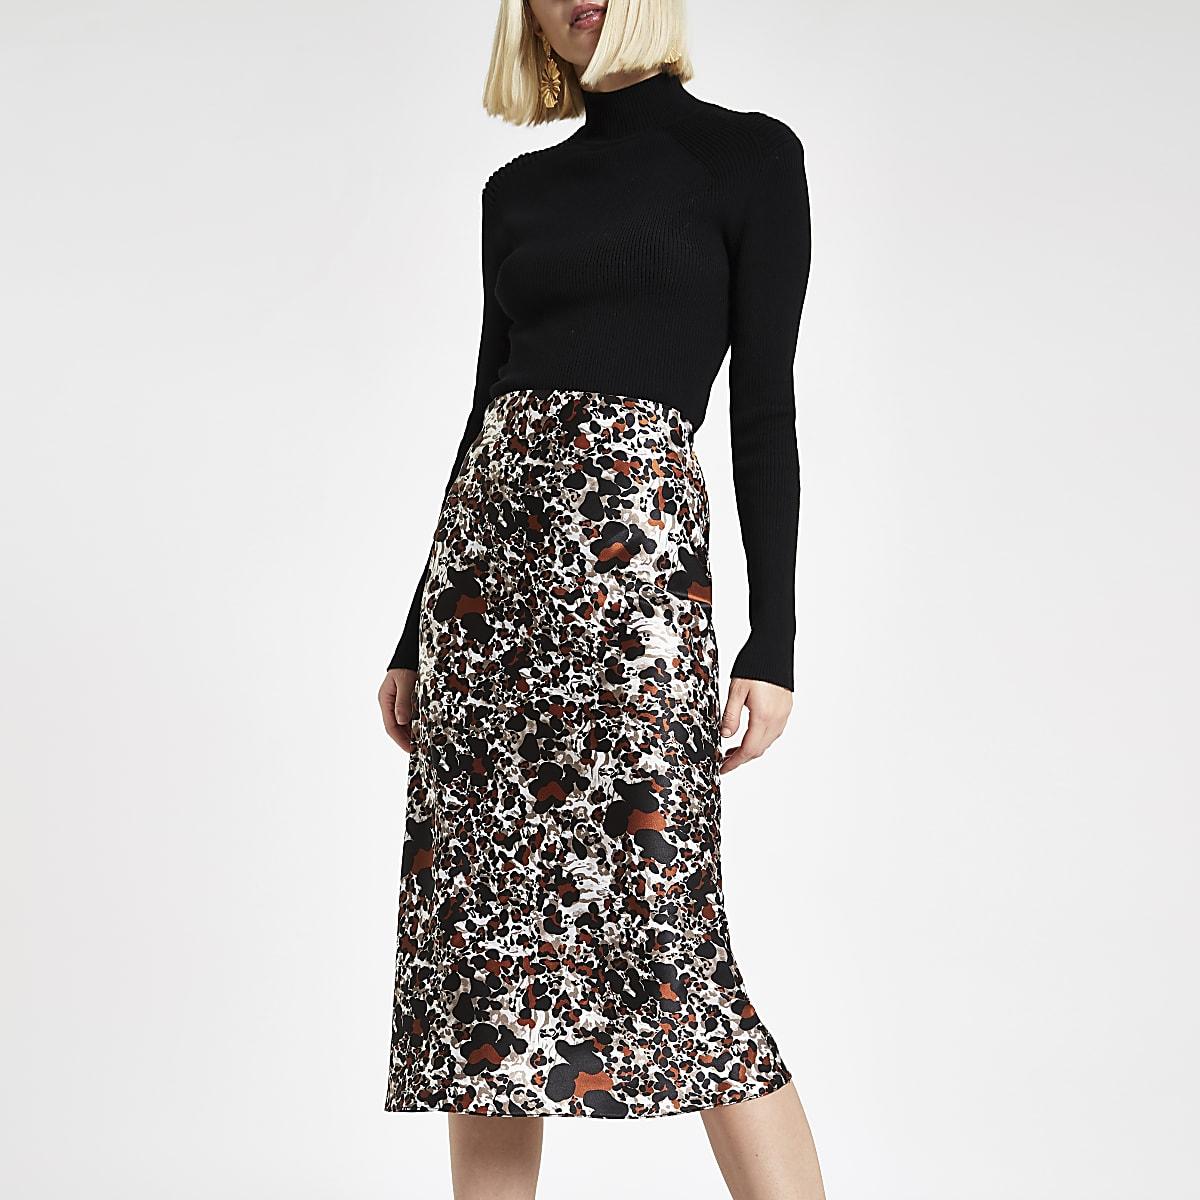 ffa3f9e4c5 Rust leopard print bias cut midi skirt - Midi Skirts - Skirts - women